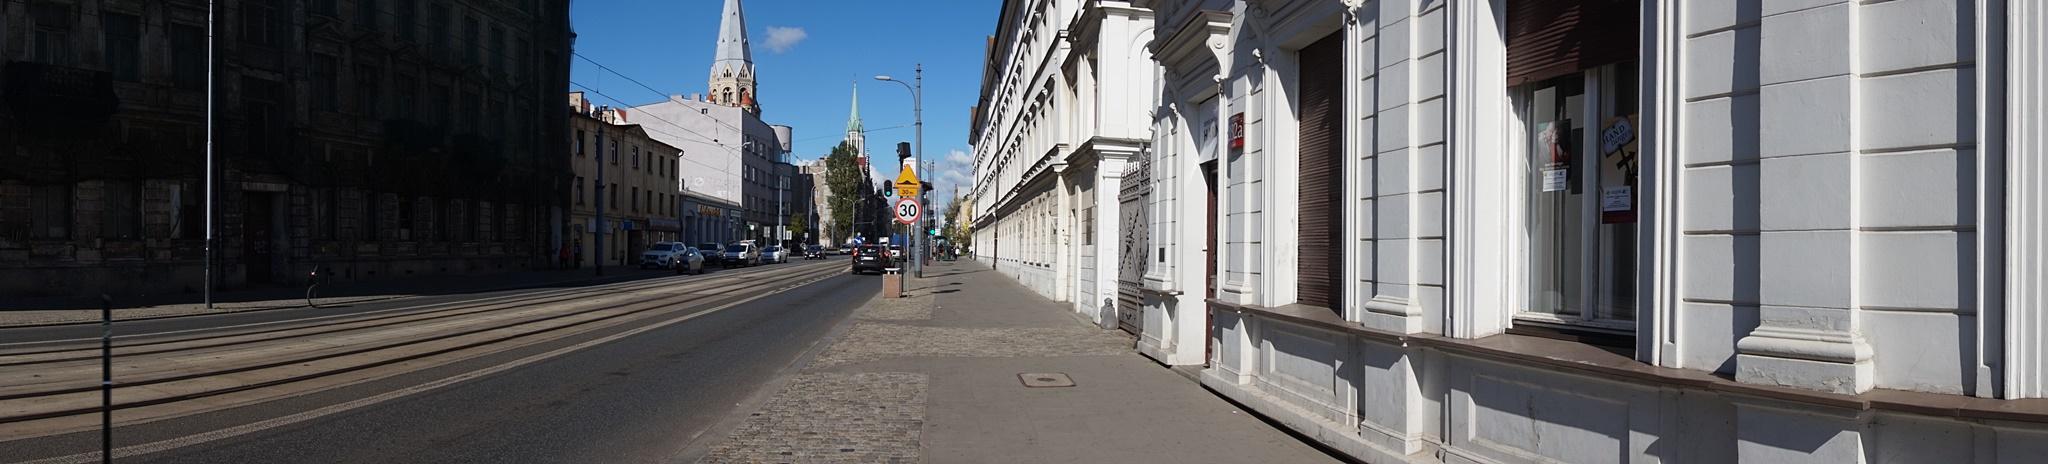 Piotrkowska - Biała Fabryka